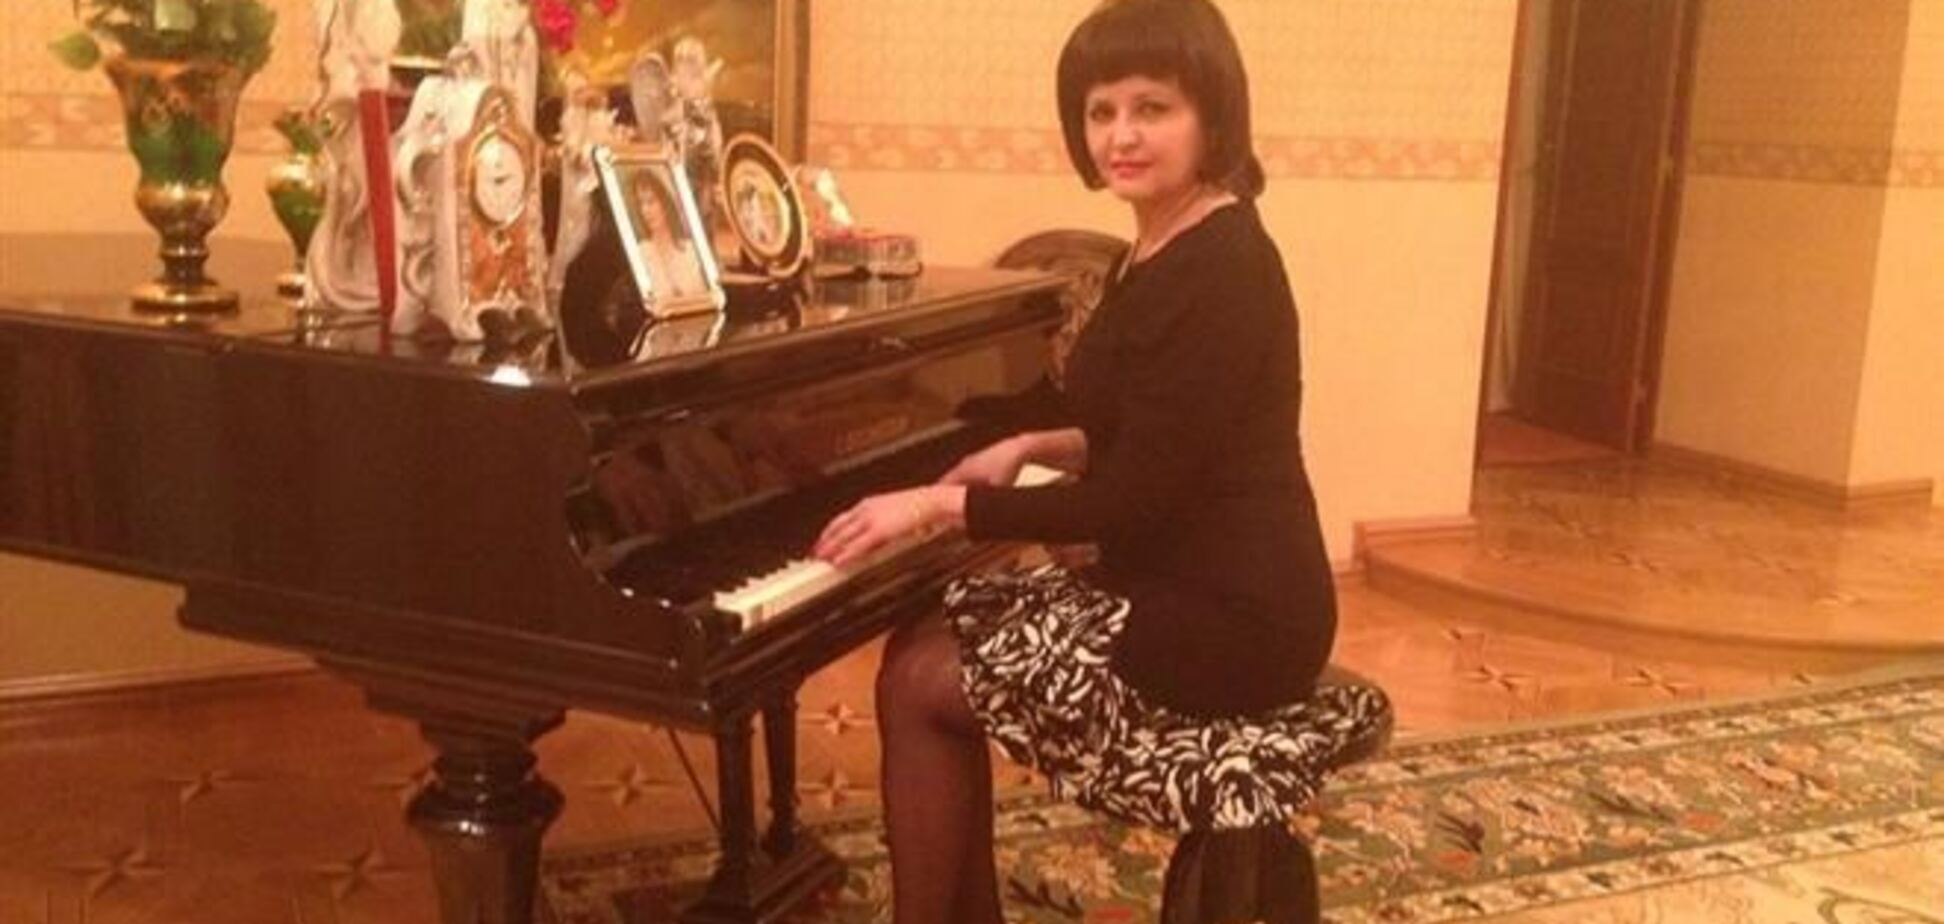 Екс-дружина ударівці Куніцина показала свій будинок